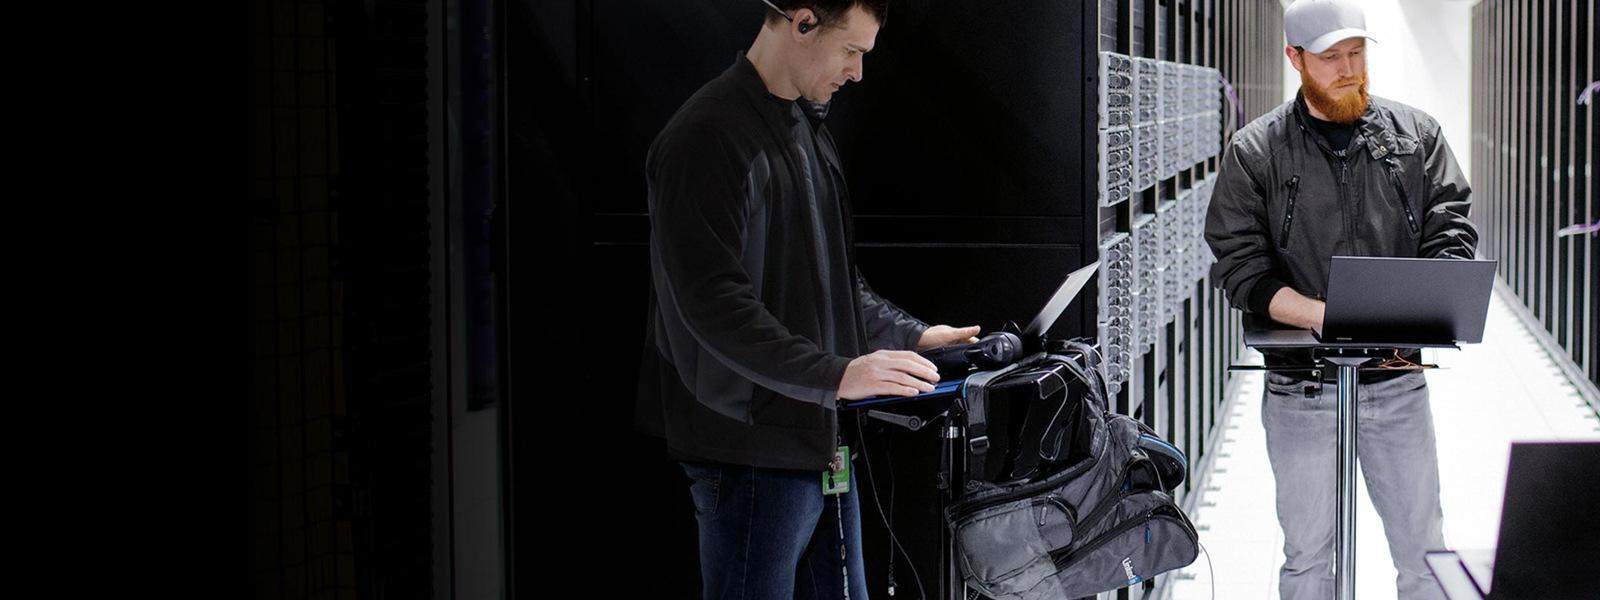 Zwei Männer stehen inmitten eines Serverraums und lesen Daten von ihren Laptops ab.